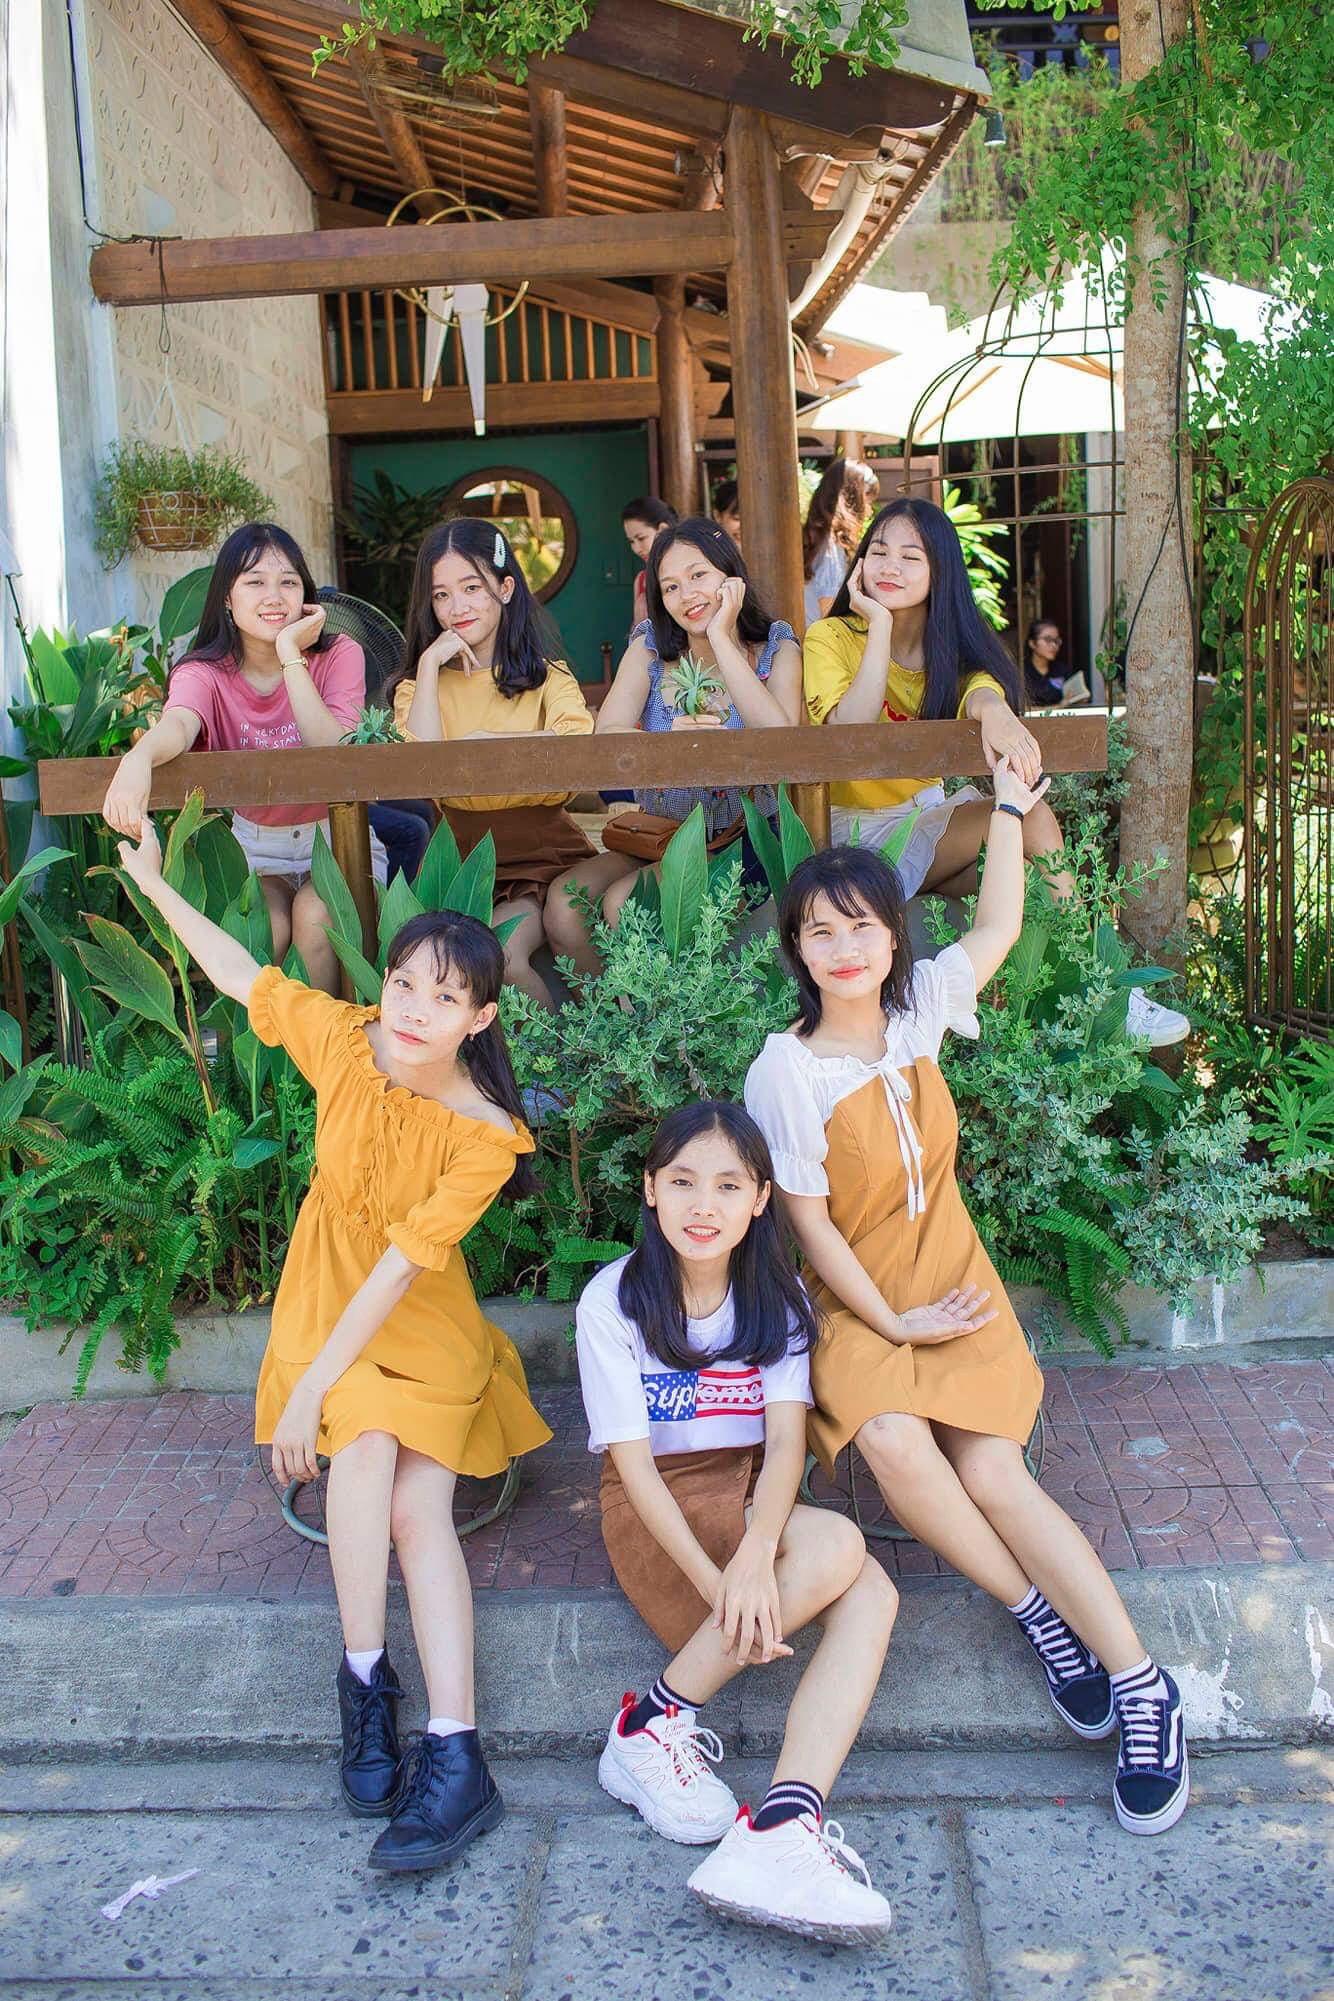 Hơn cả một học sinh giỏi: Vượt qua nỗi đau mất mẹ, nữ sinh Quảng Nam vươn lên đạt điểm văn cao nhất cả nước trong kỳ thi THPT Quốc gia 2019 - Ảnh 13.